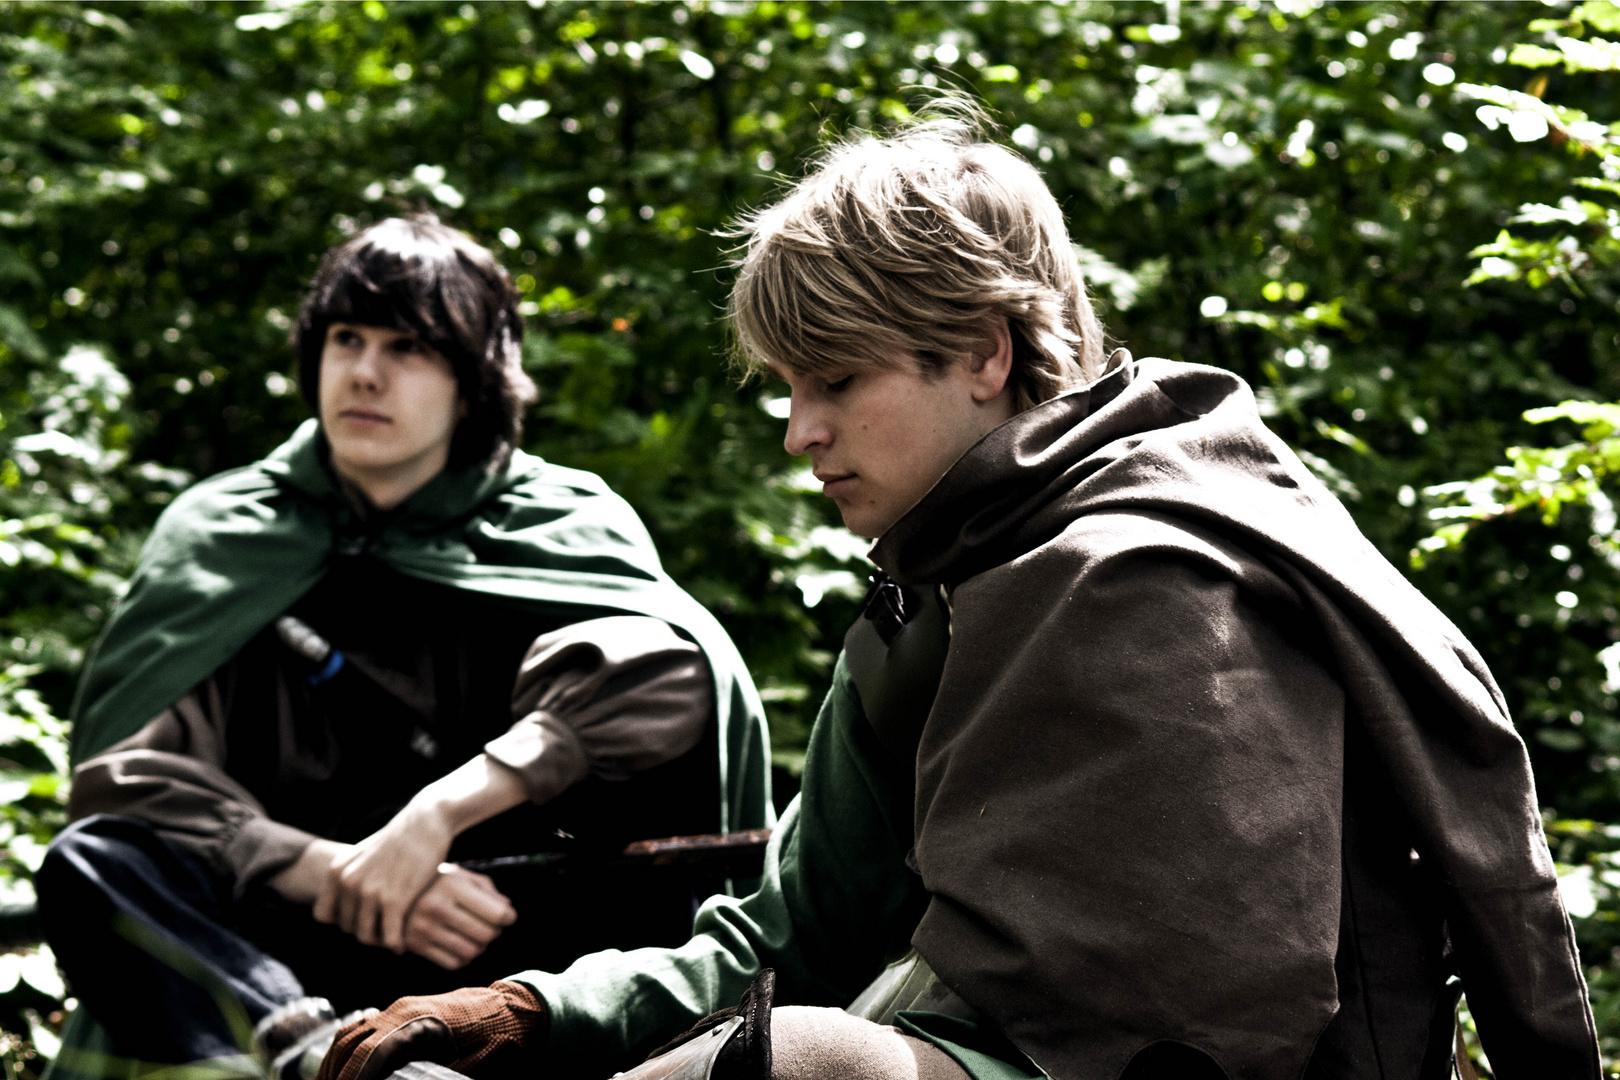 Der Hobbit's Rast